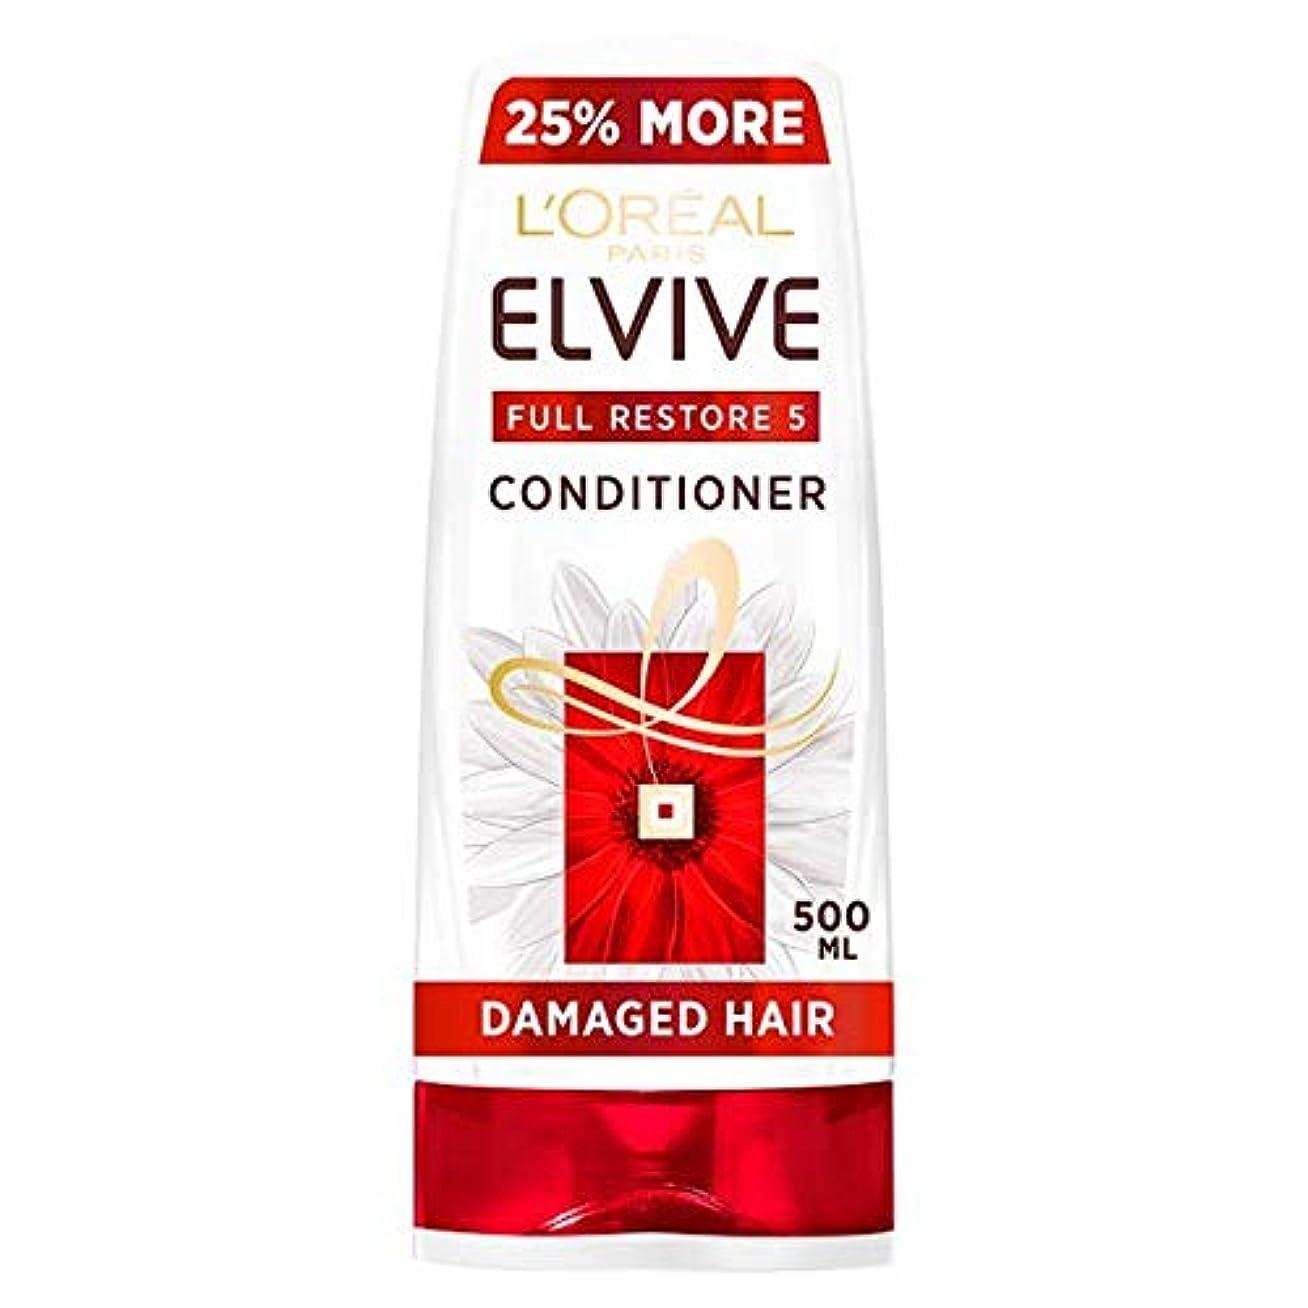 つぶやきペット一緒[Elvive] ロレアルElvive極度のダメージヘアコンディショナー500ミリリットル - L'oreal Elvive Extreme Damaged Hair Conditioner 500Ml [並行輸入品]